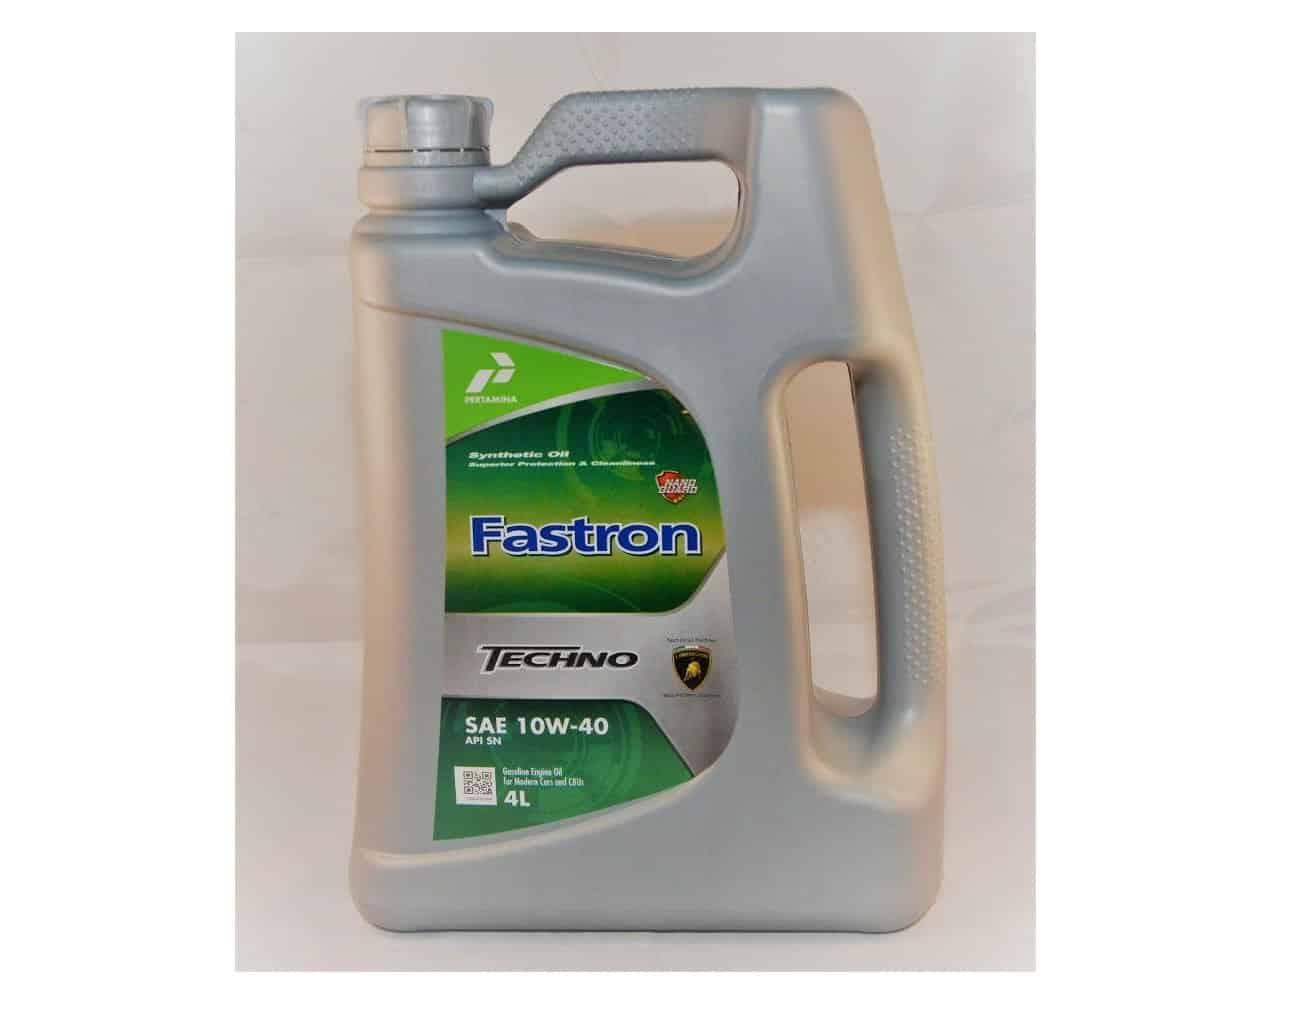 Pertamina-Fastron-Techno-SAE-10W-40